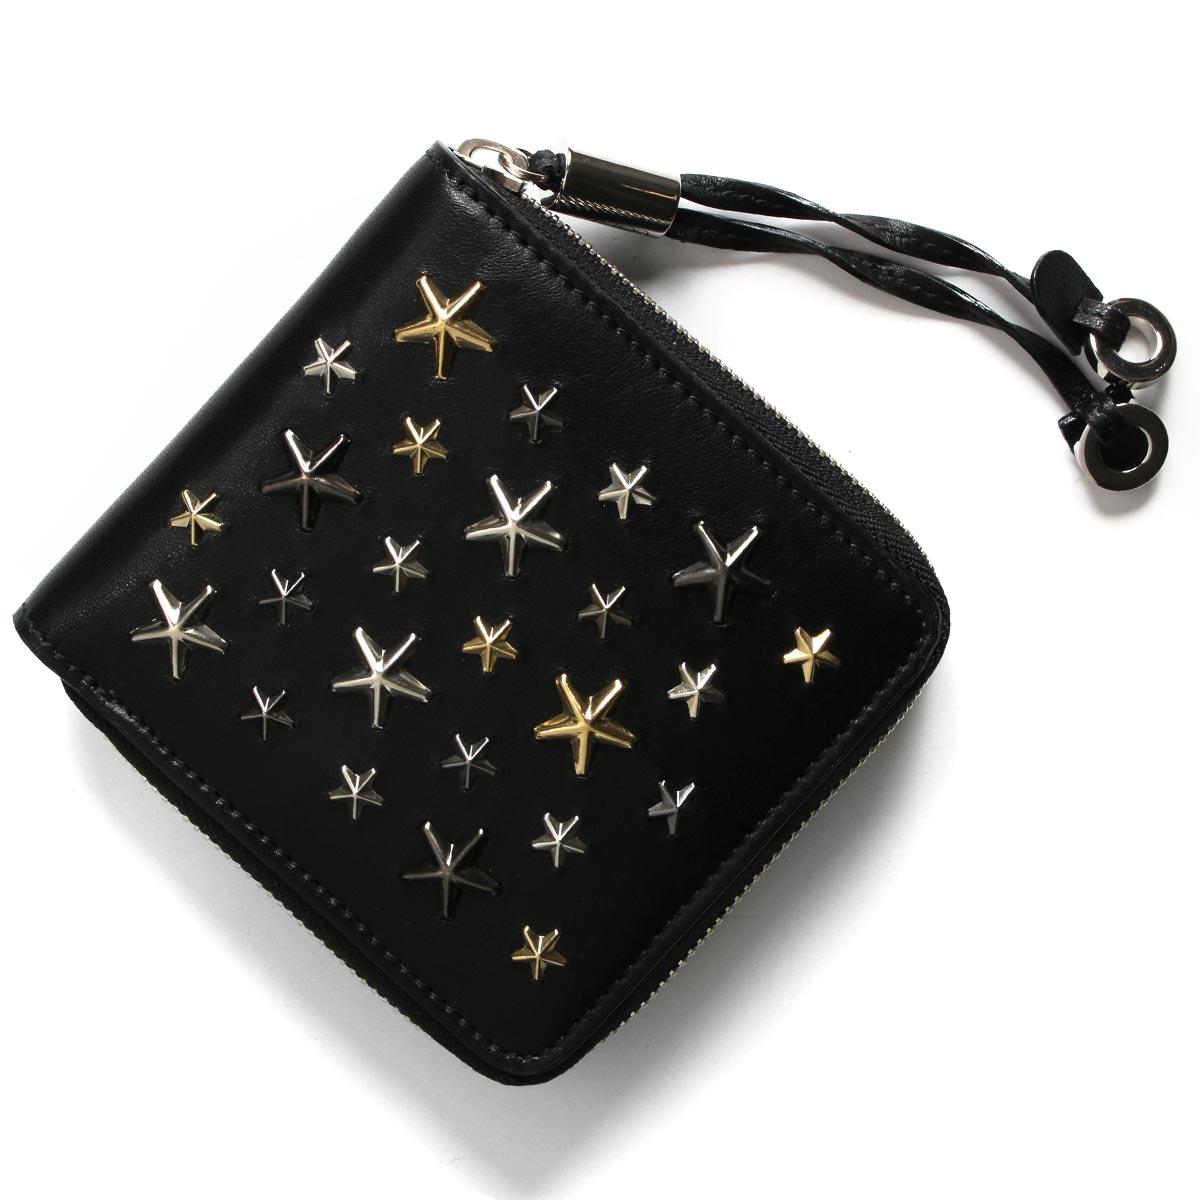 ジミーチュウ 二つ折り財布 財布 レディース テッサ マルチ メタル スター スタッズ ブラック&メタリックミックス TESSA LTR 191 BLACK METALLIC MIX JIMMY CHOO